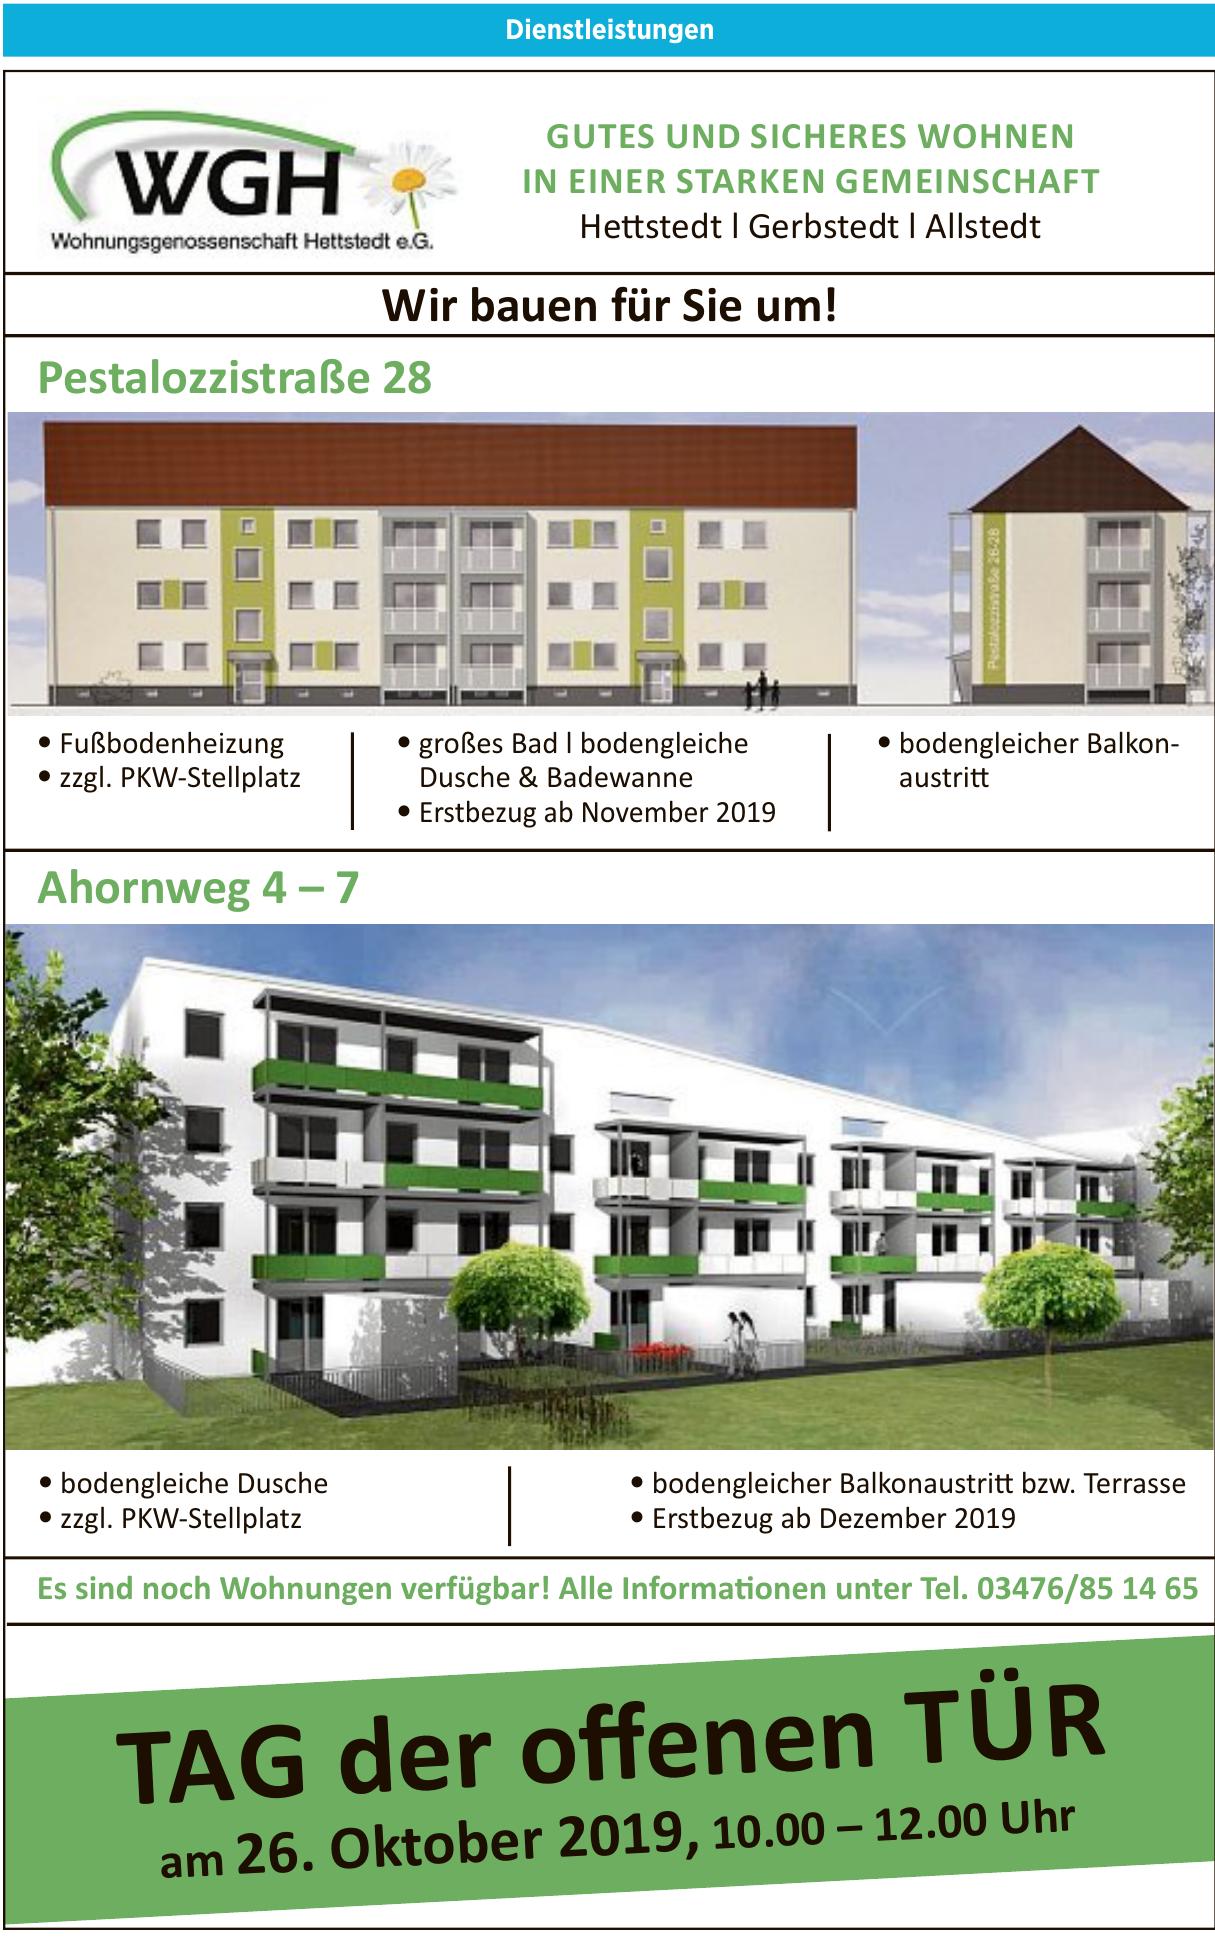 WGH Wohnungsgenossenschaft Hettstedt e.G